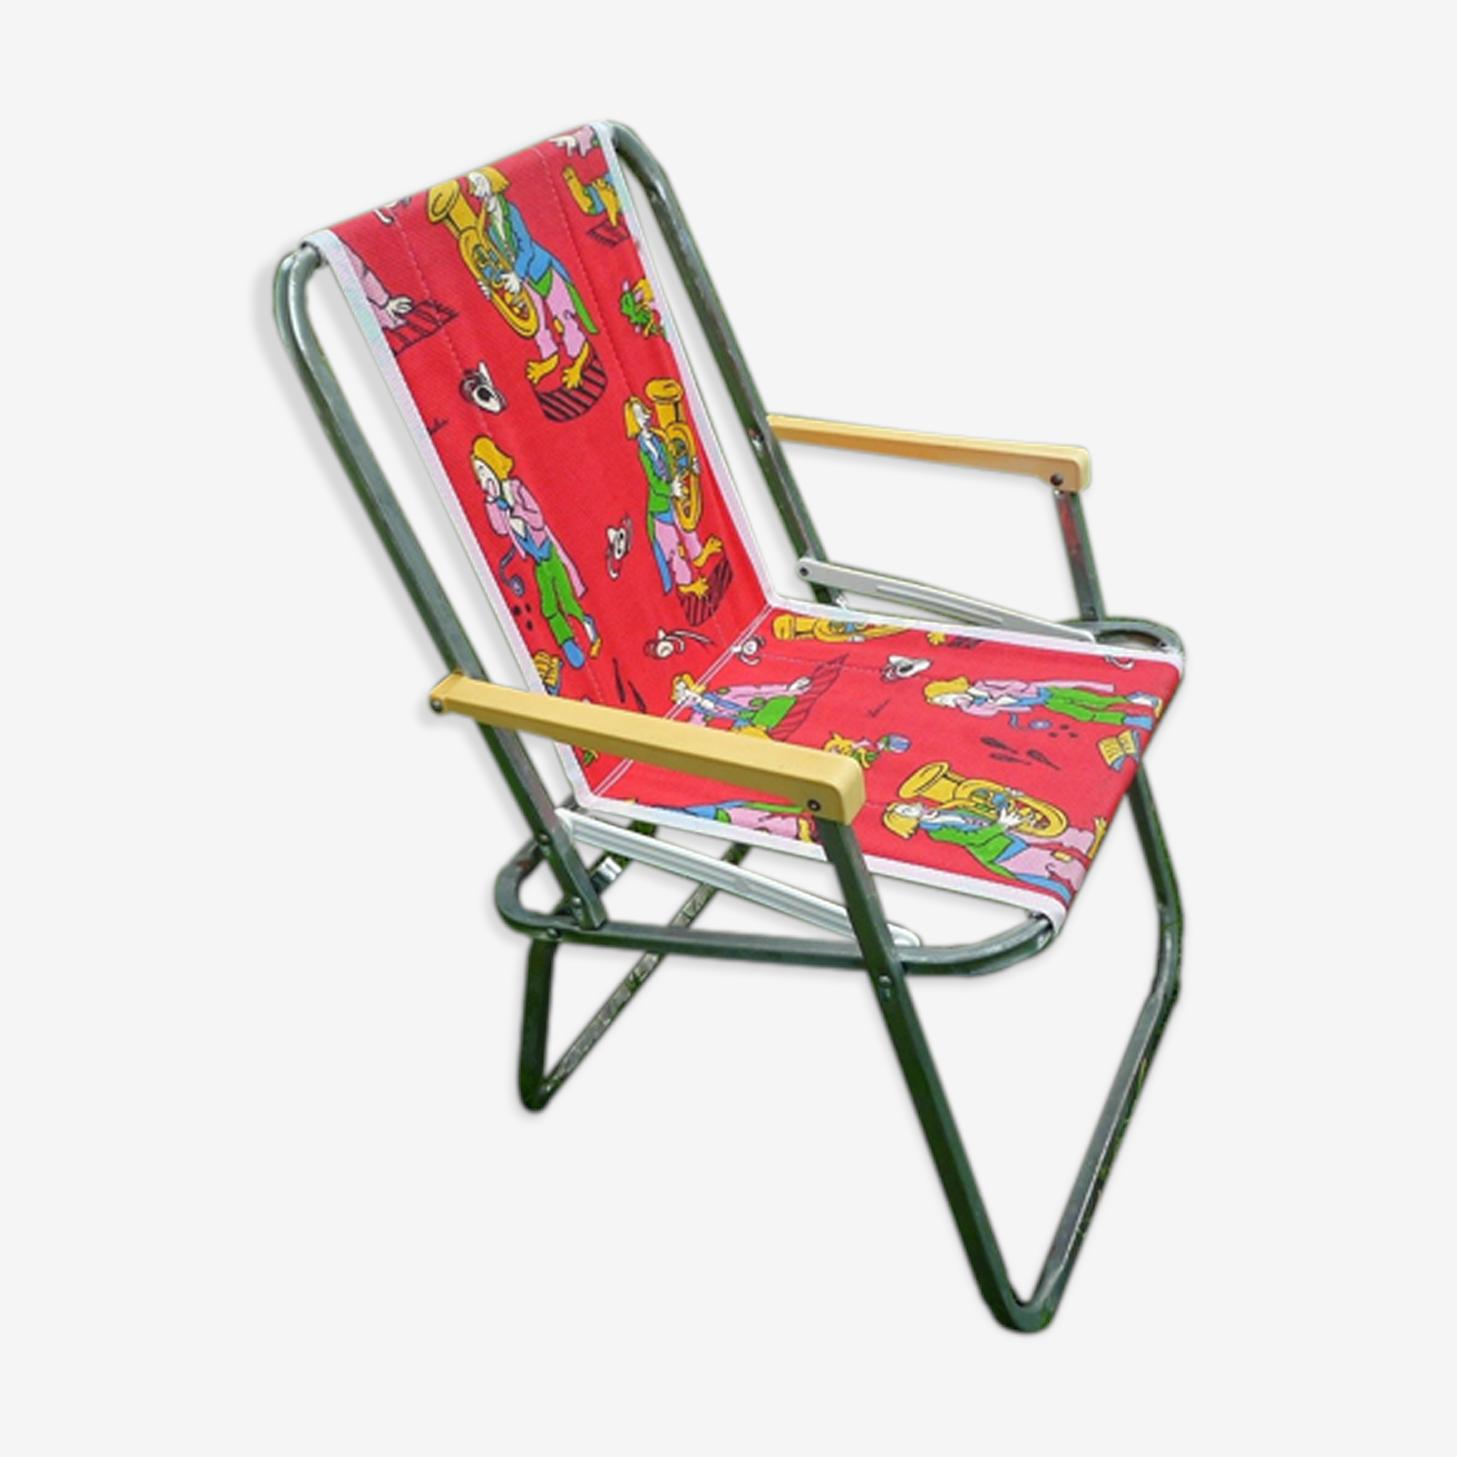 Chaise pliante de camping enfant vintage 70s